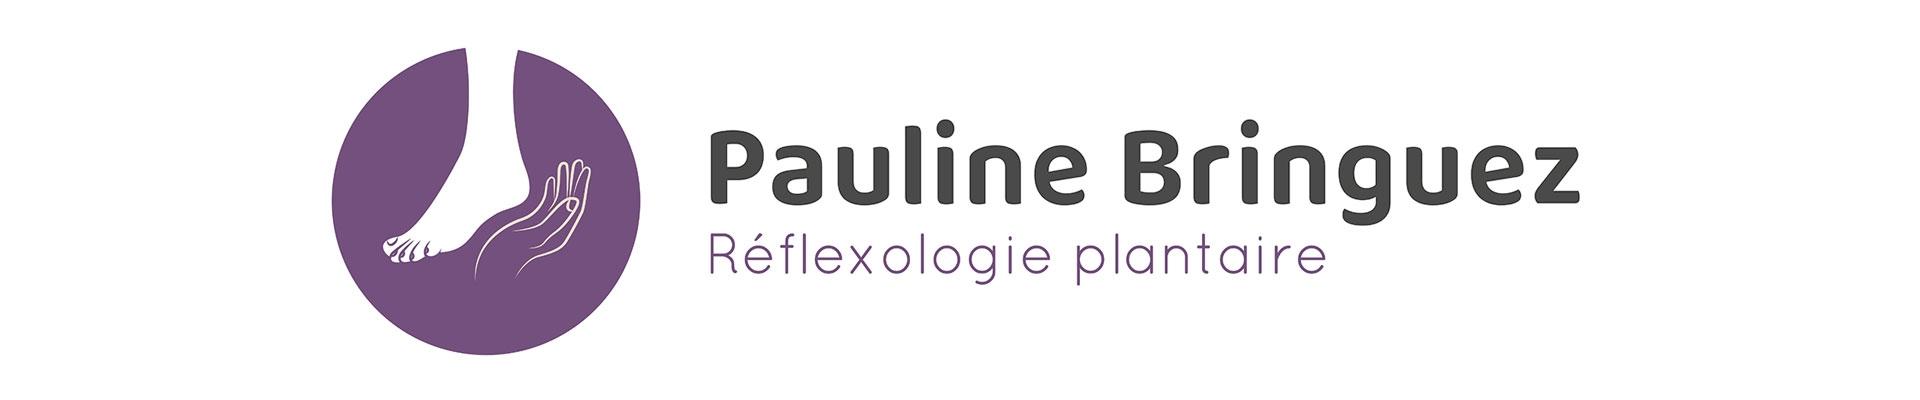 professionnels-print-identite-visuelle-pbreflexo-01